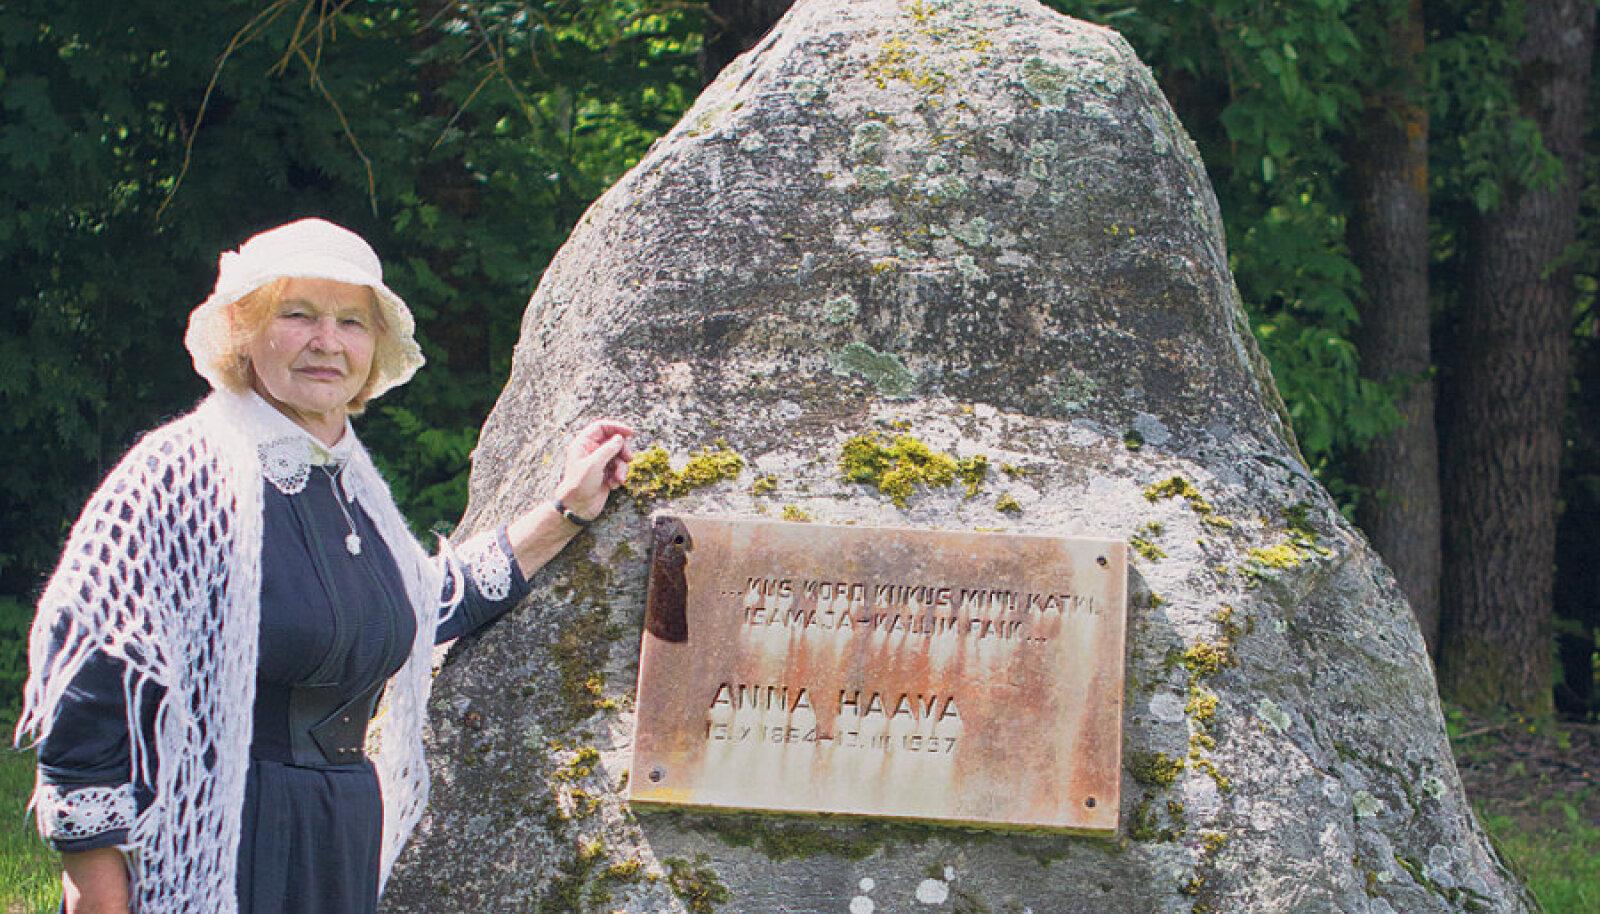 Anna Haava suurim  austaja Linda Olmaru  poetessi sünnipaika  tähistava kivi juures.